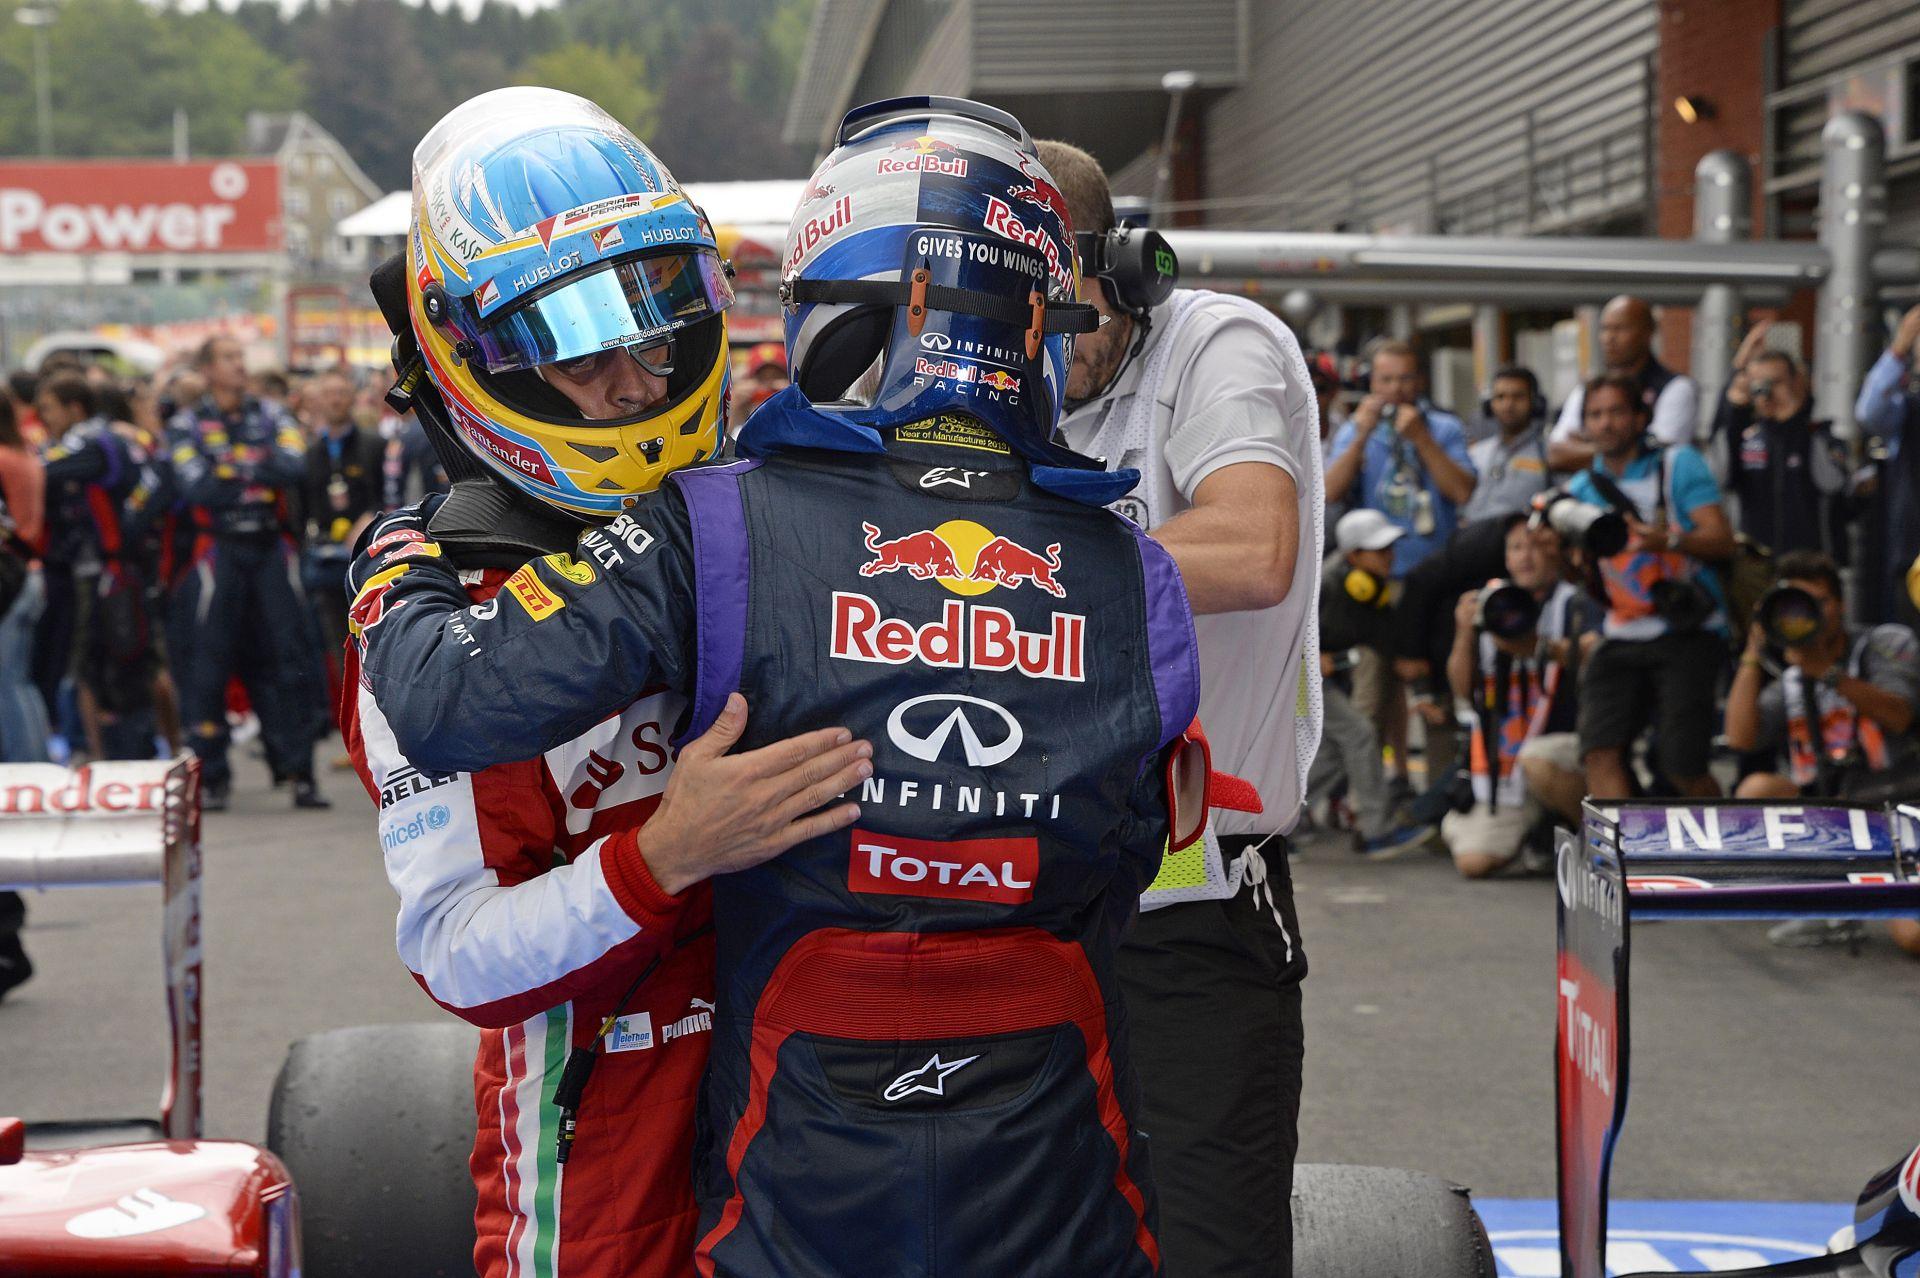 Vettel pénteken írt alá a Ferrarihoz, évi 25 millió euróért! Alonso csak egy évre hajlandó aláírni a McLarenhez